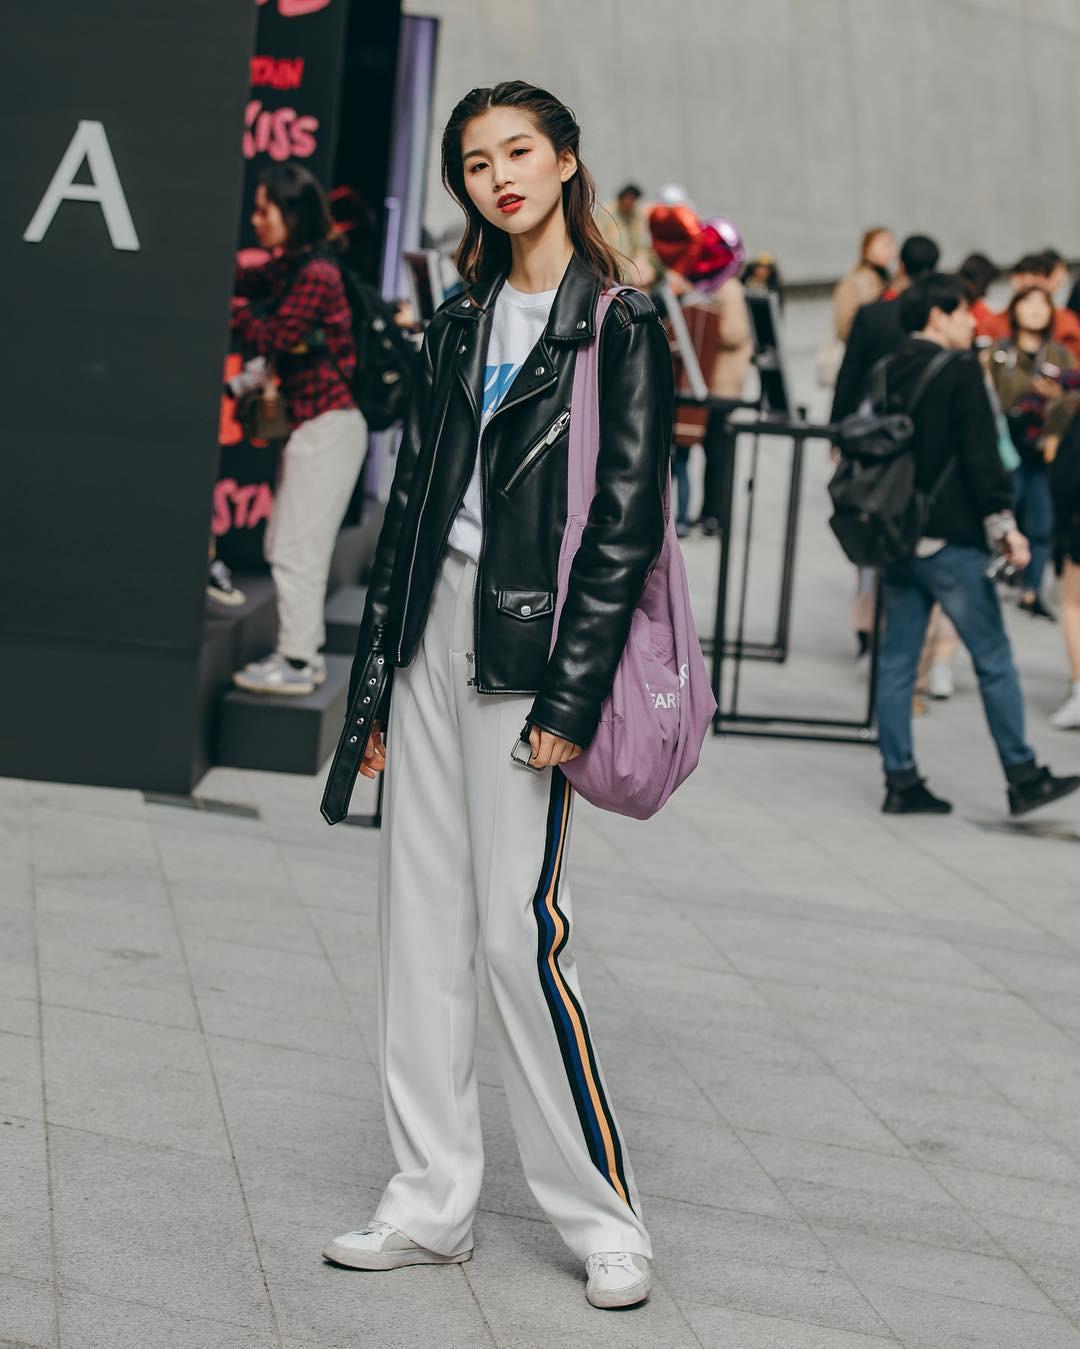 Street style không áo dạ, áo phao của giới trẻ Hàn tuần qua chính là gợi ý mix đồ tuyệt vời cho mùa đông không lạnh tại Hà Nội lúc này - Ảnh 1.